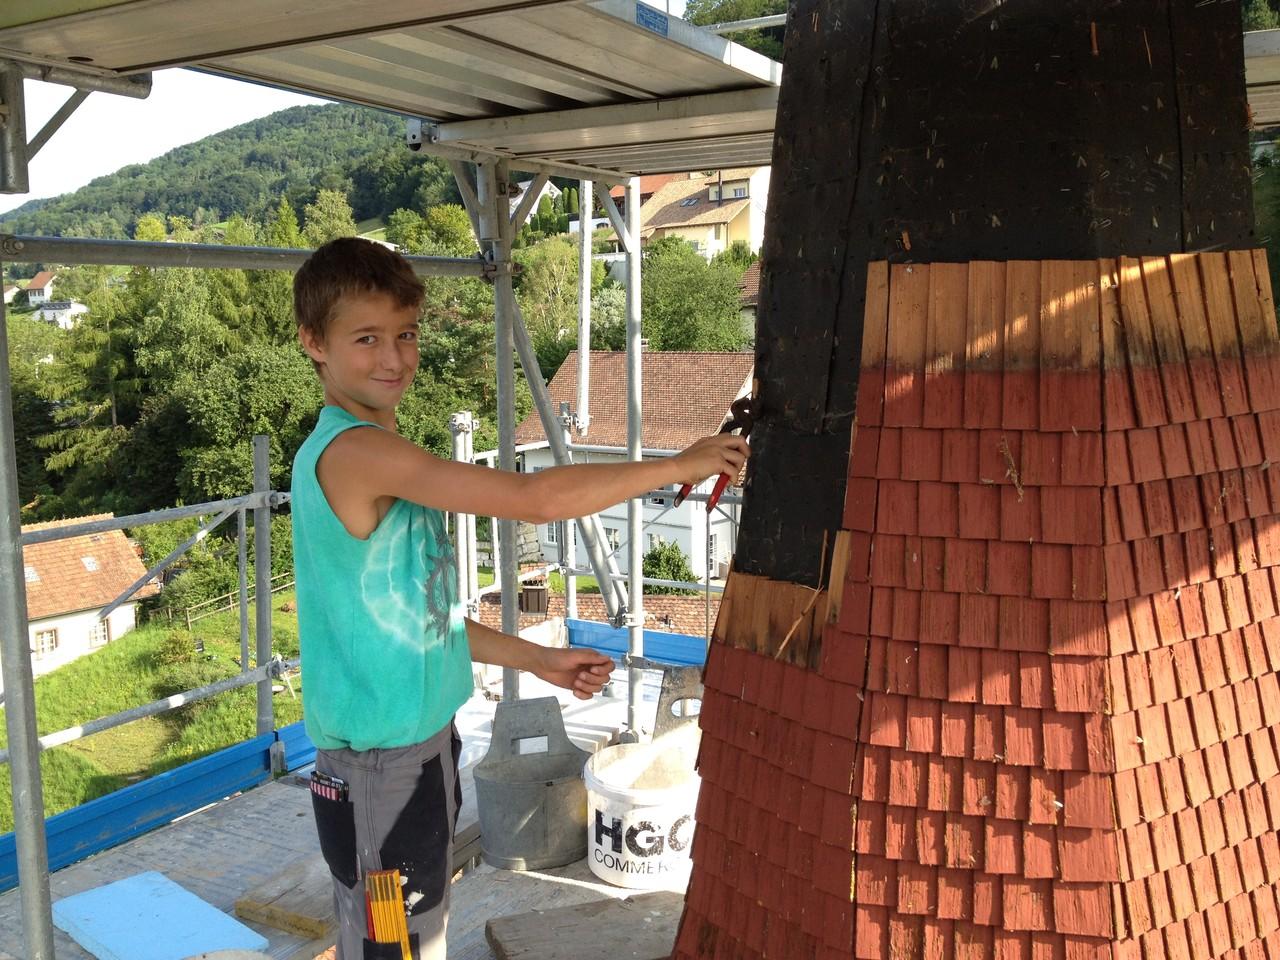 Rückbauarbeiten: auch die Jüngsten helfen mit!